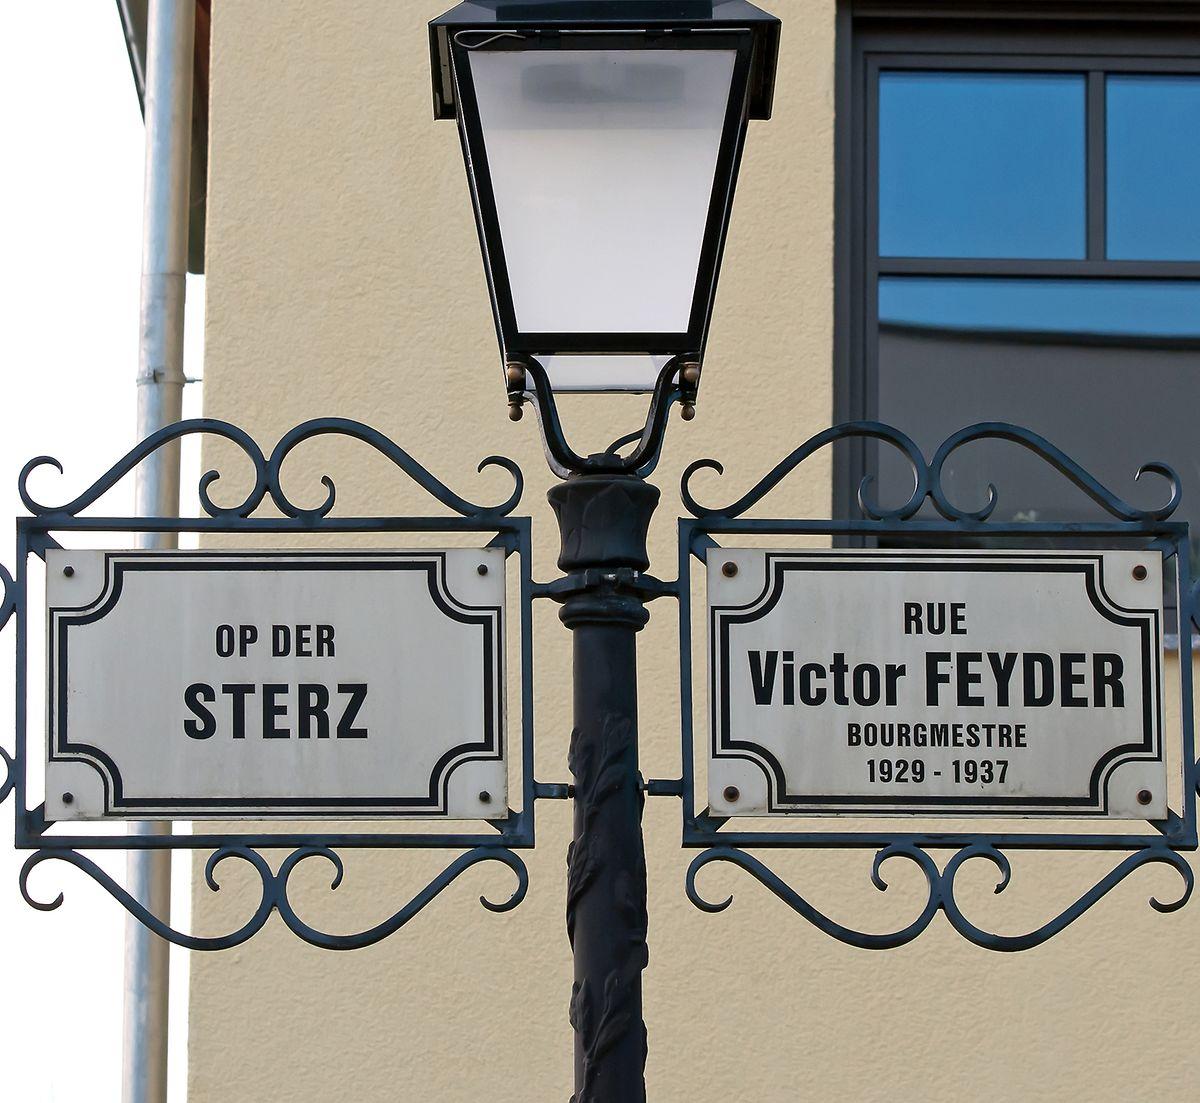 In der Rue Victor Feyder soll demnächst ein bauliches Hindernis das Abkürzen verhindern.